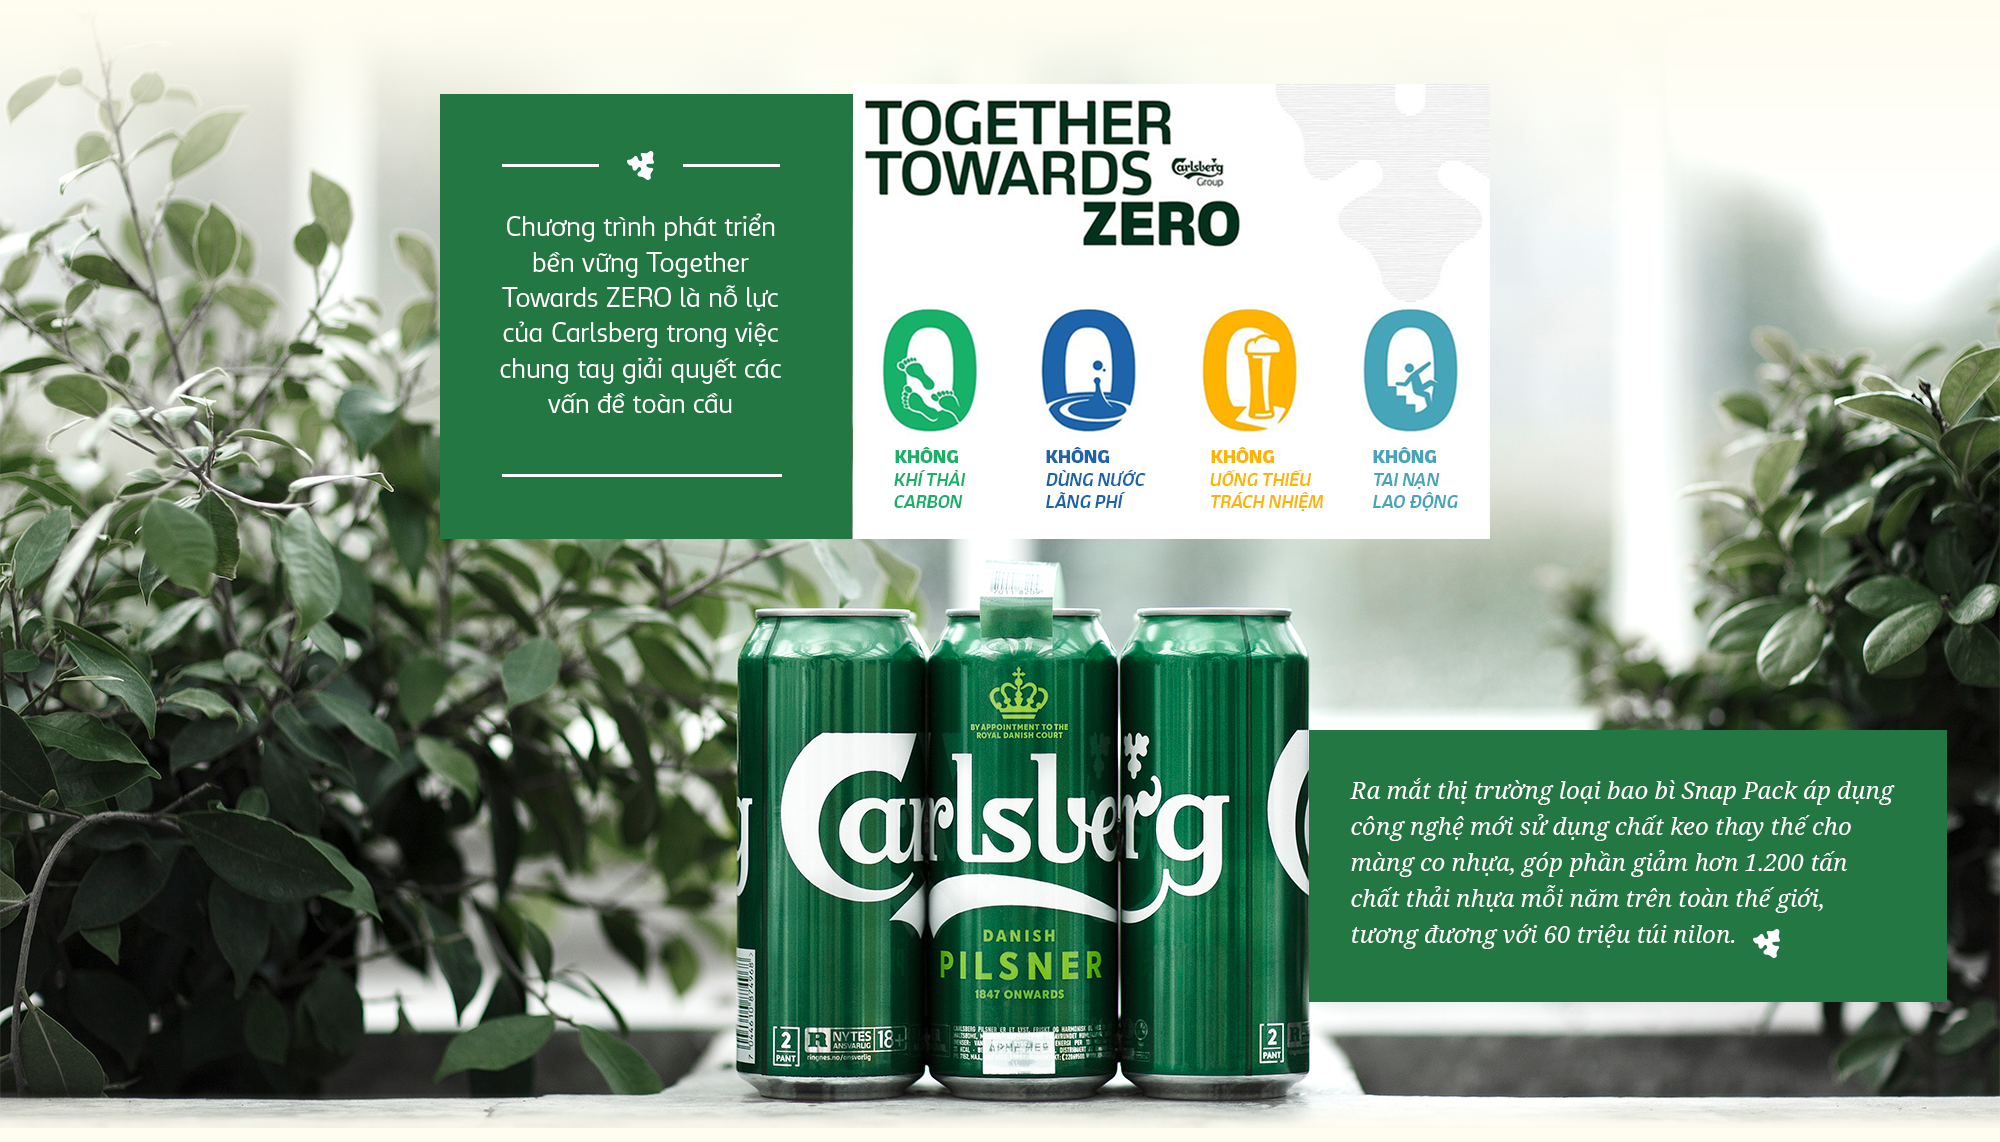 Bia Carlsberg hành trình phát triển bền vững hơn 170 năm - Ảnh 3.